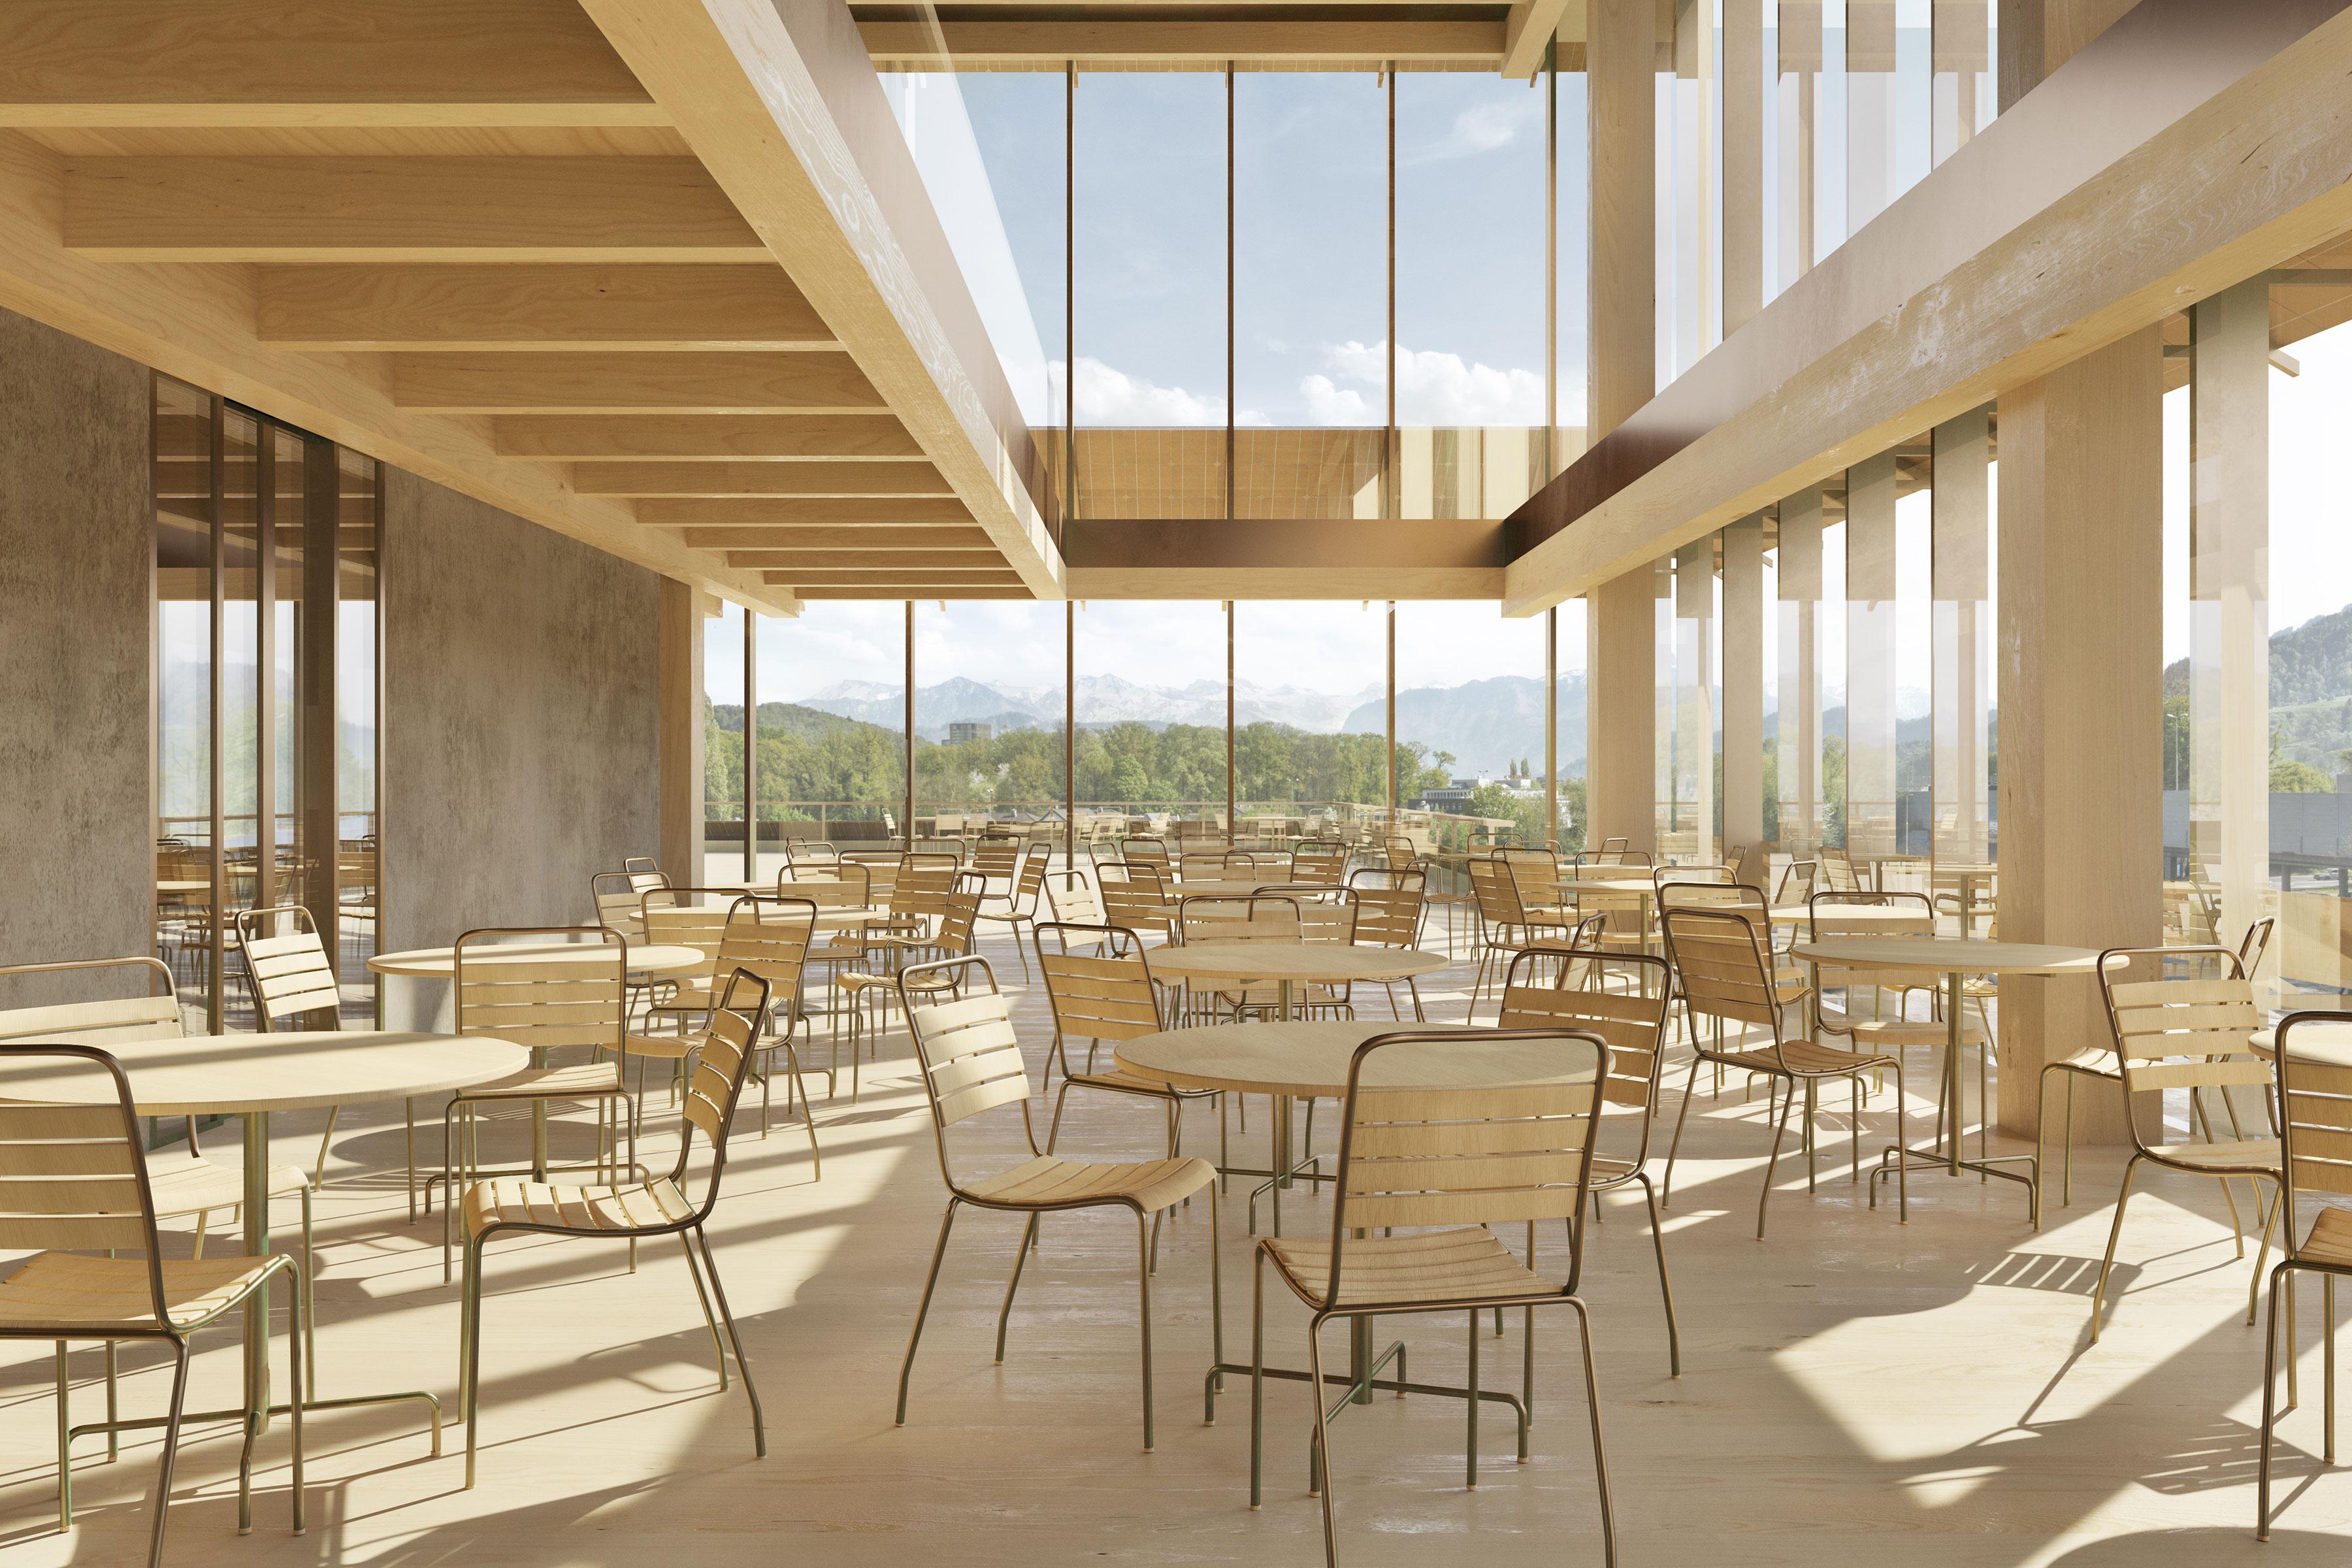 Neubau Sozialversicherungszentrum WAS Wirtschaft Arbeit Soziales Luzern Wettbewerb 2020 Marques Architekten AG